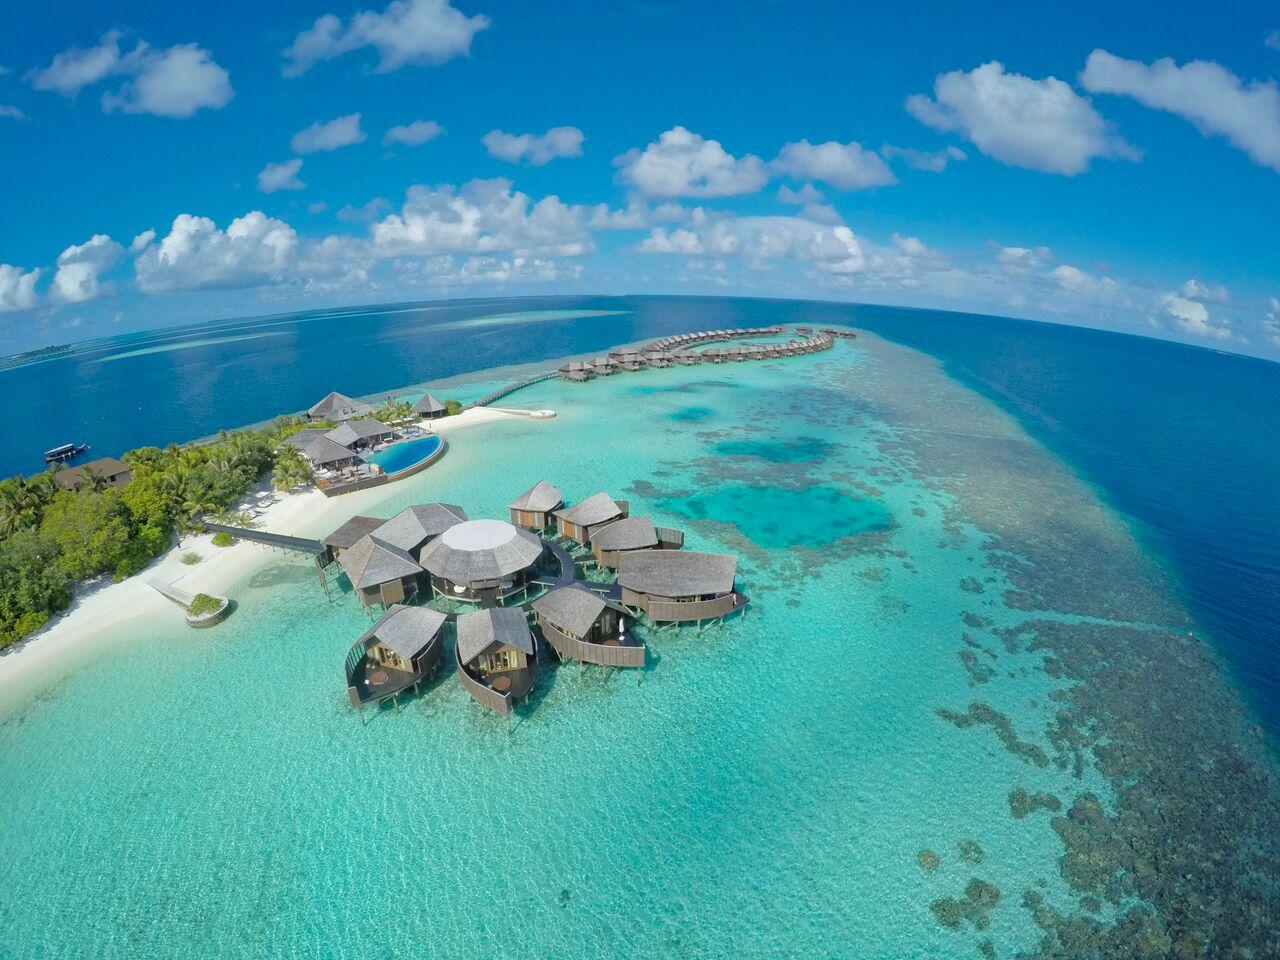 Живой коралловый риф расположен непосредственно вокруг острова, а снаряжение для снорклинга вам предоставят бесплатно!